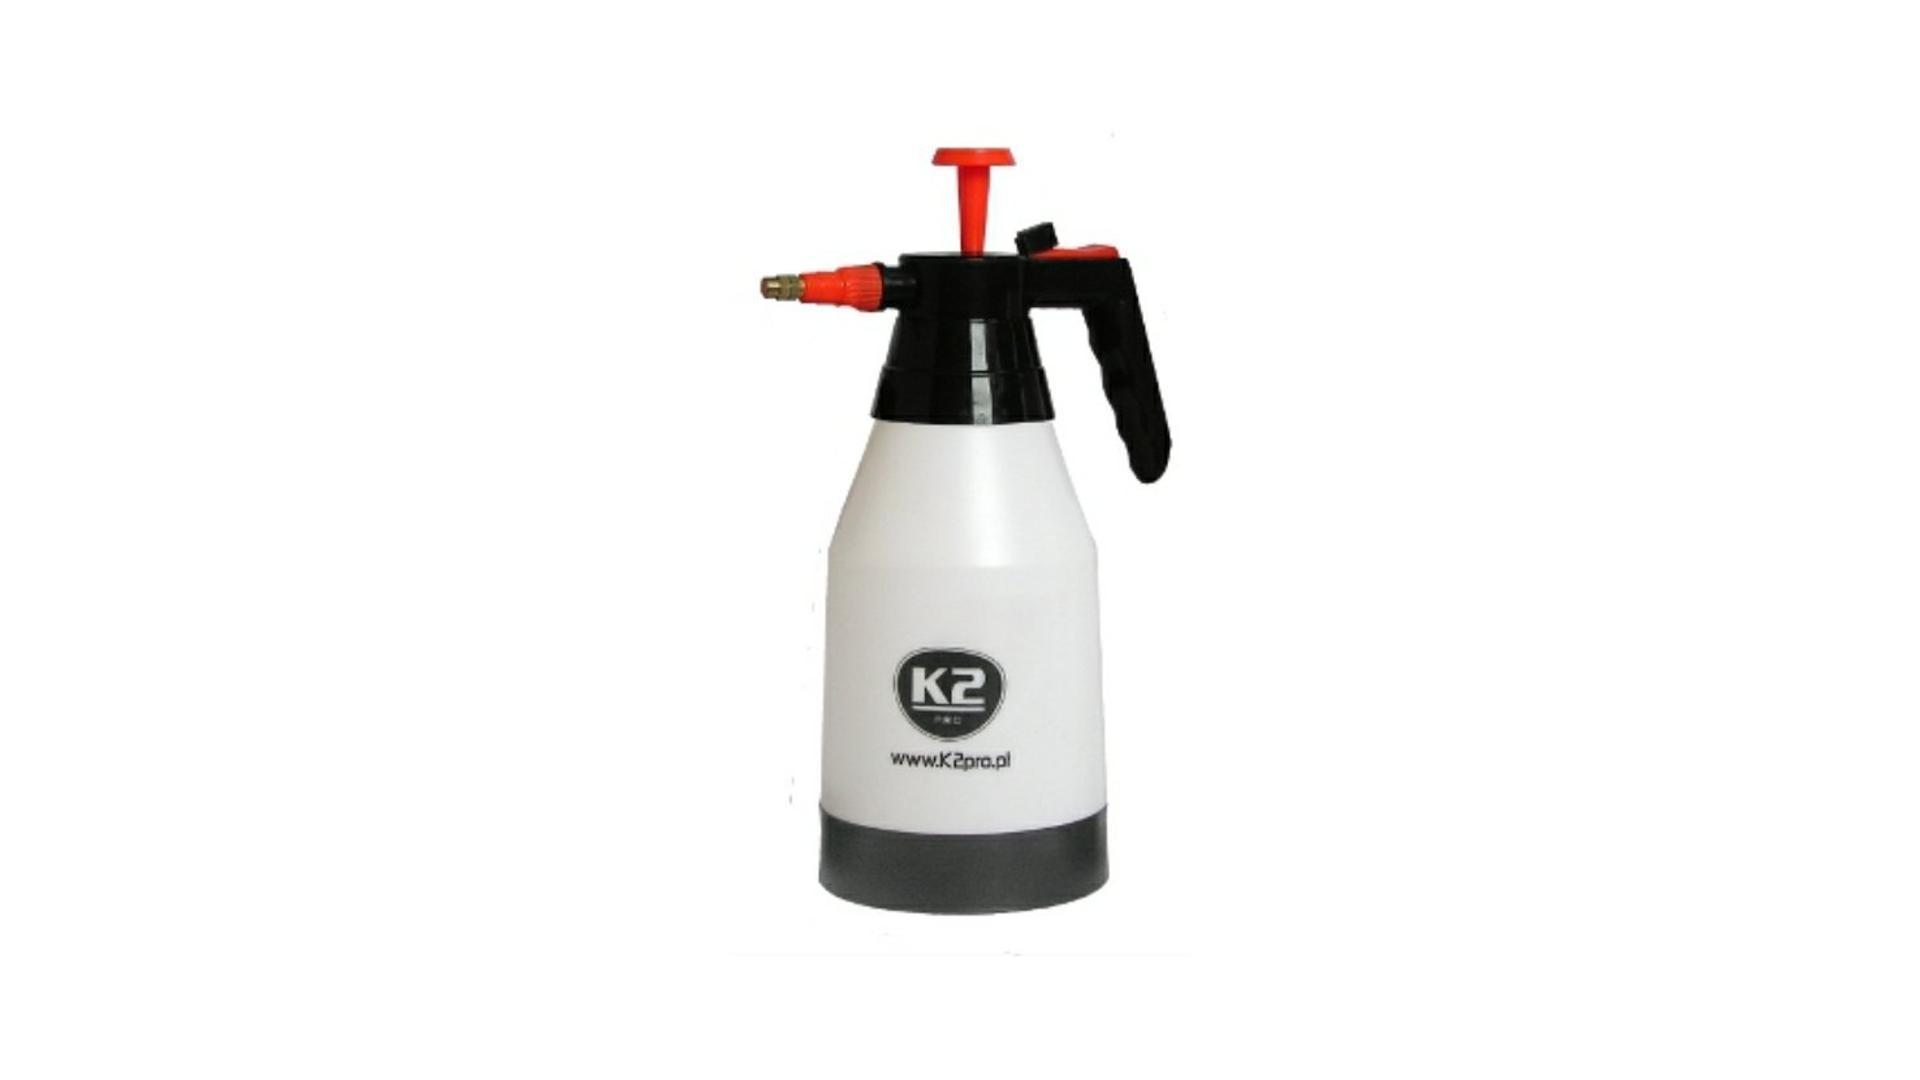 K2 Tlakový posřikovač 1,5l